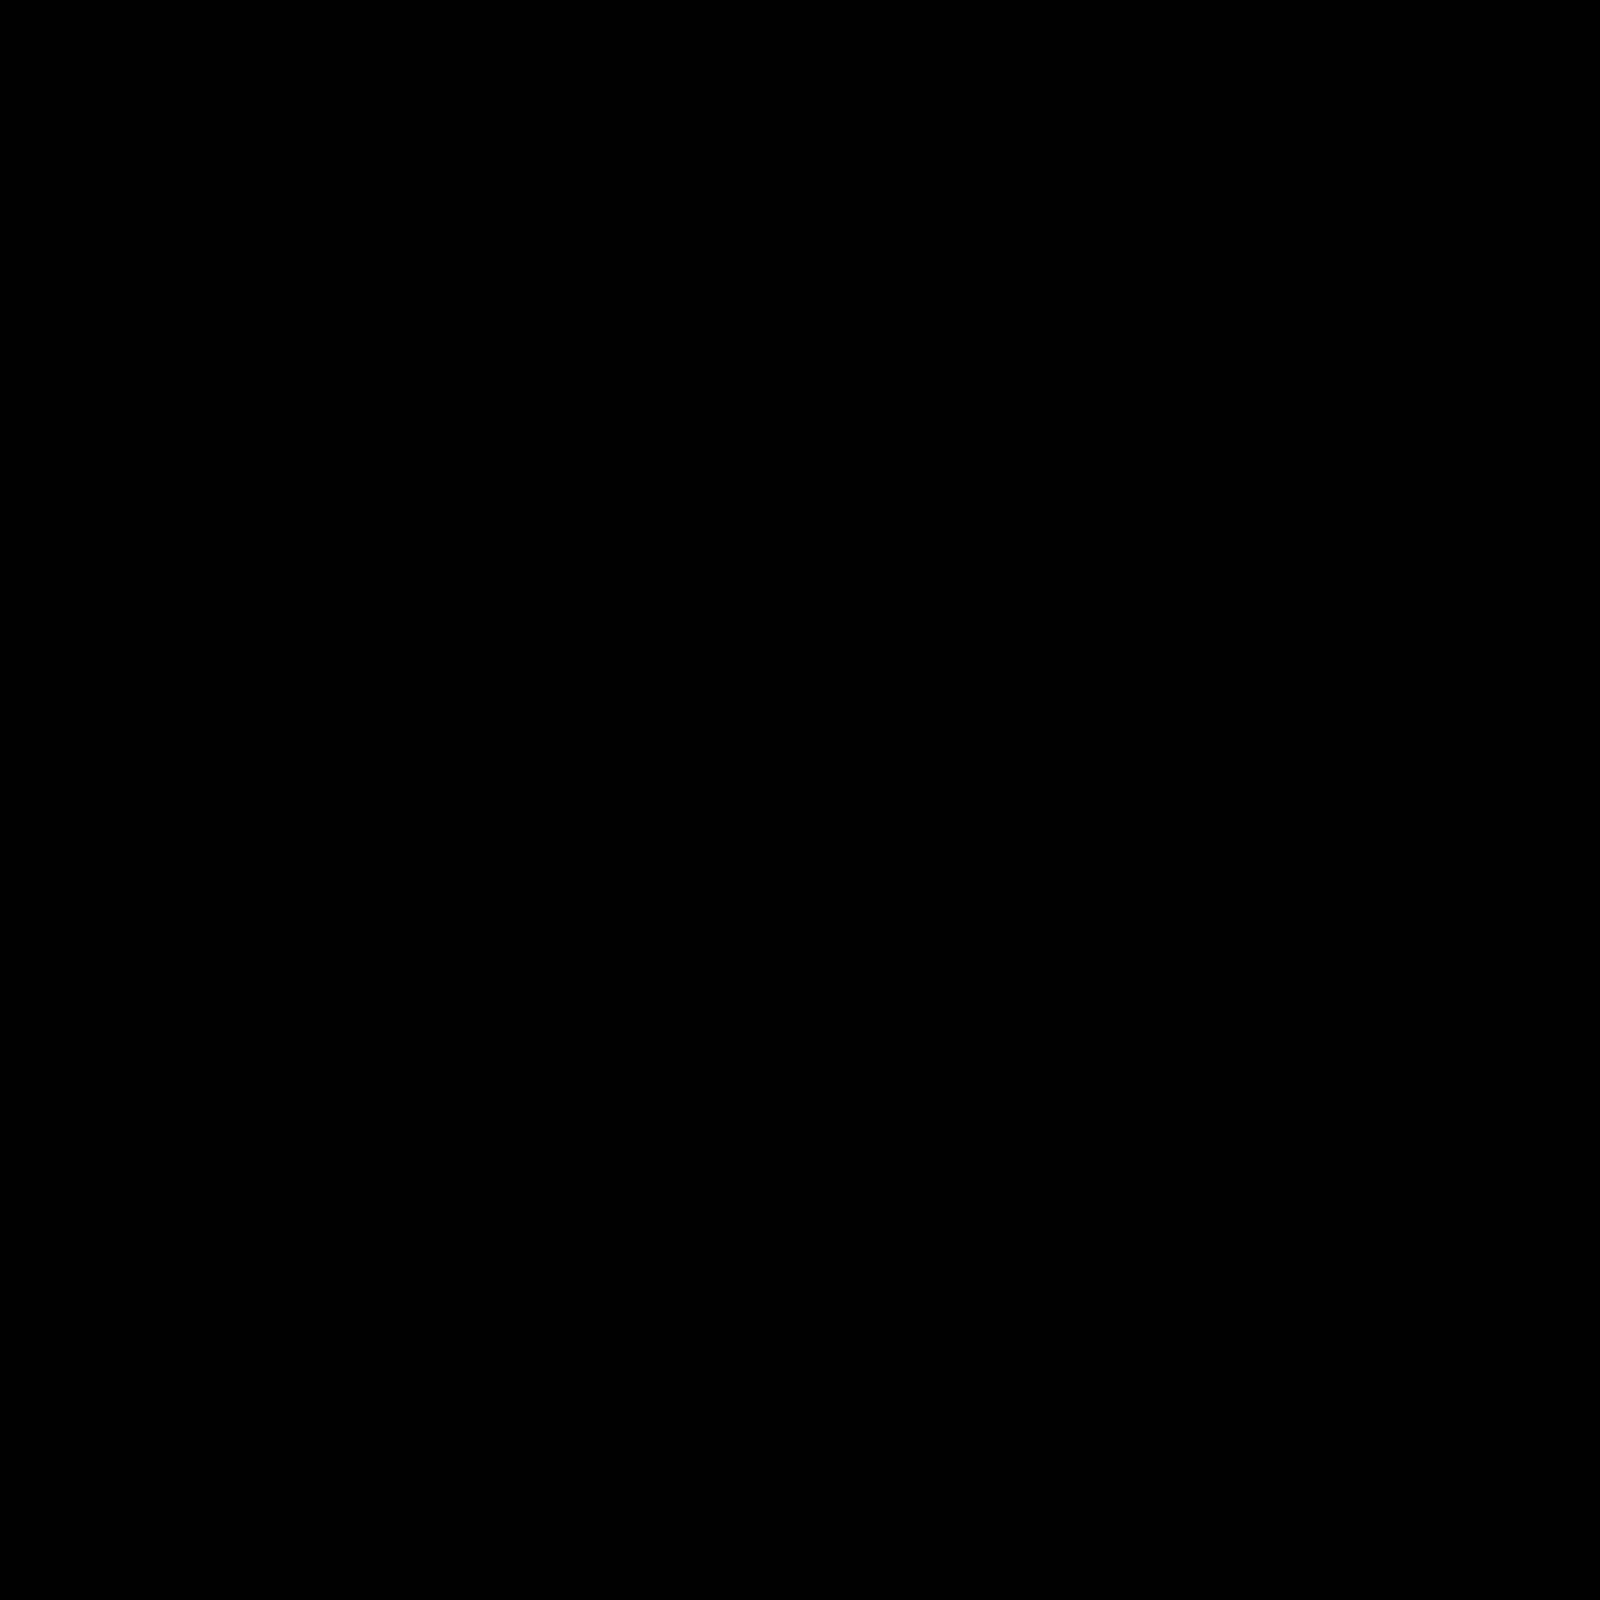 Rewind 2 icon